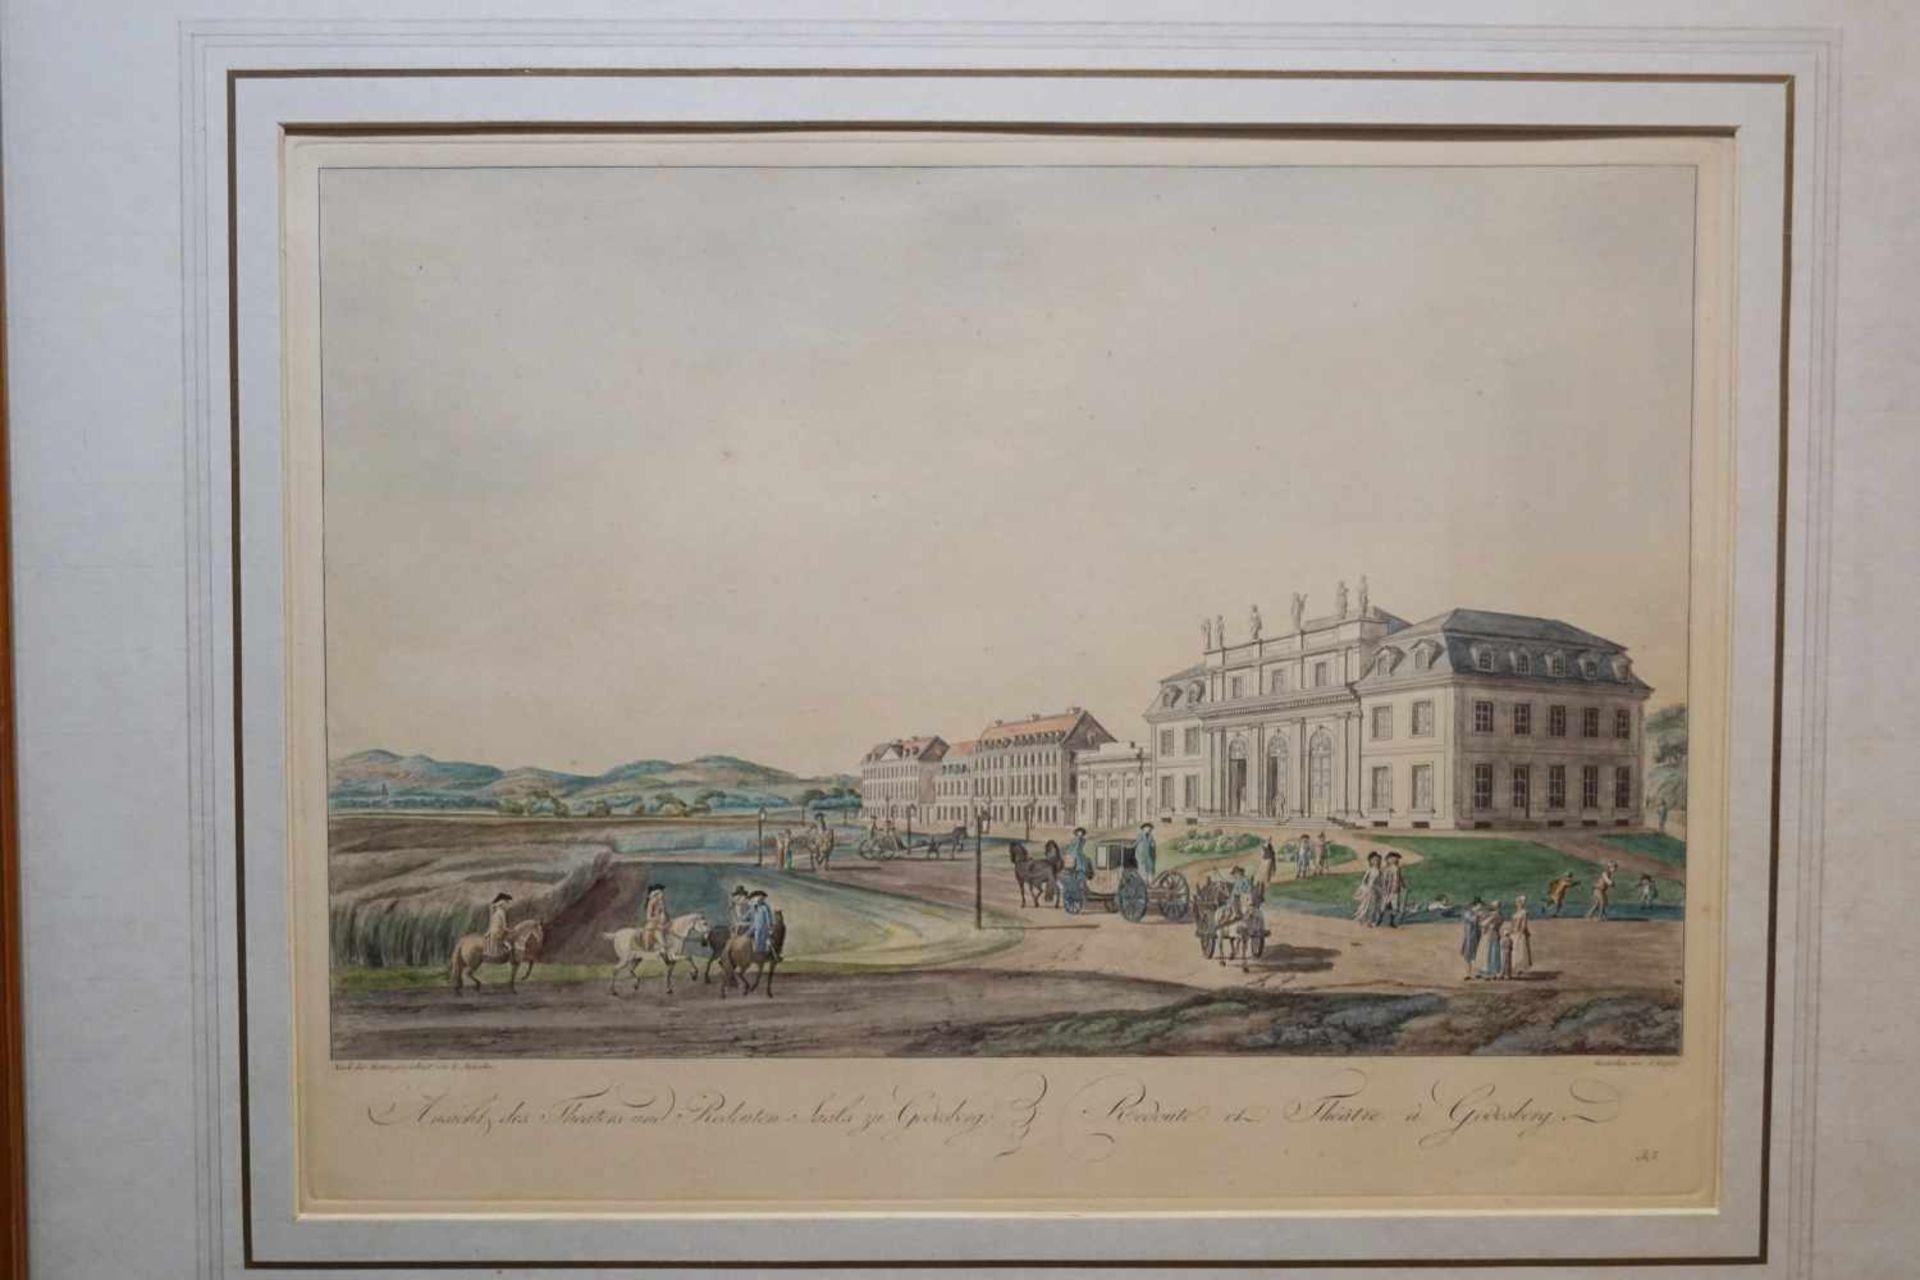 """Kupferstich """"Ansicht des Theaters und Redouten-Saals zu Godesberg"""" Johann Ziegler (1750-1812), unter - Bild 2 aus 3"""